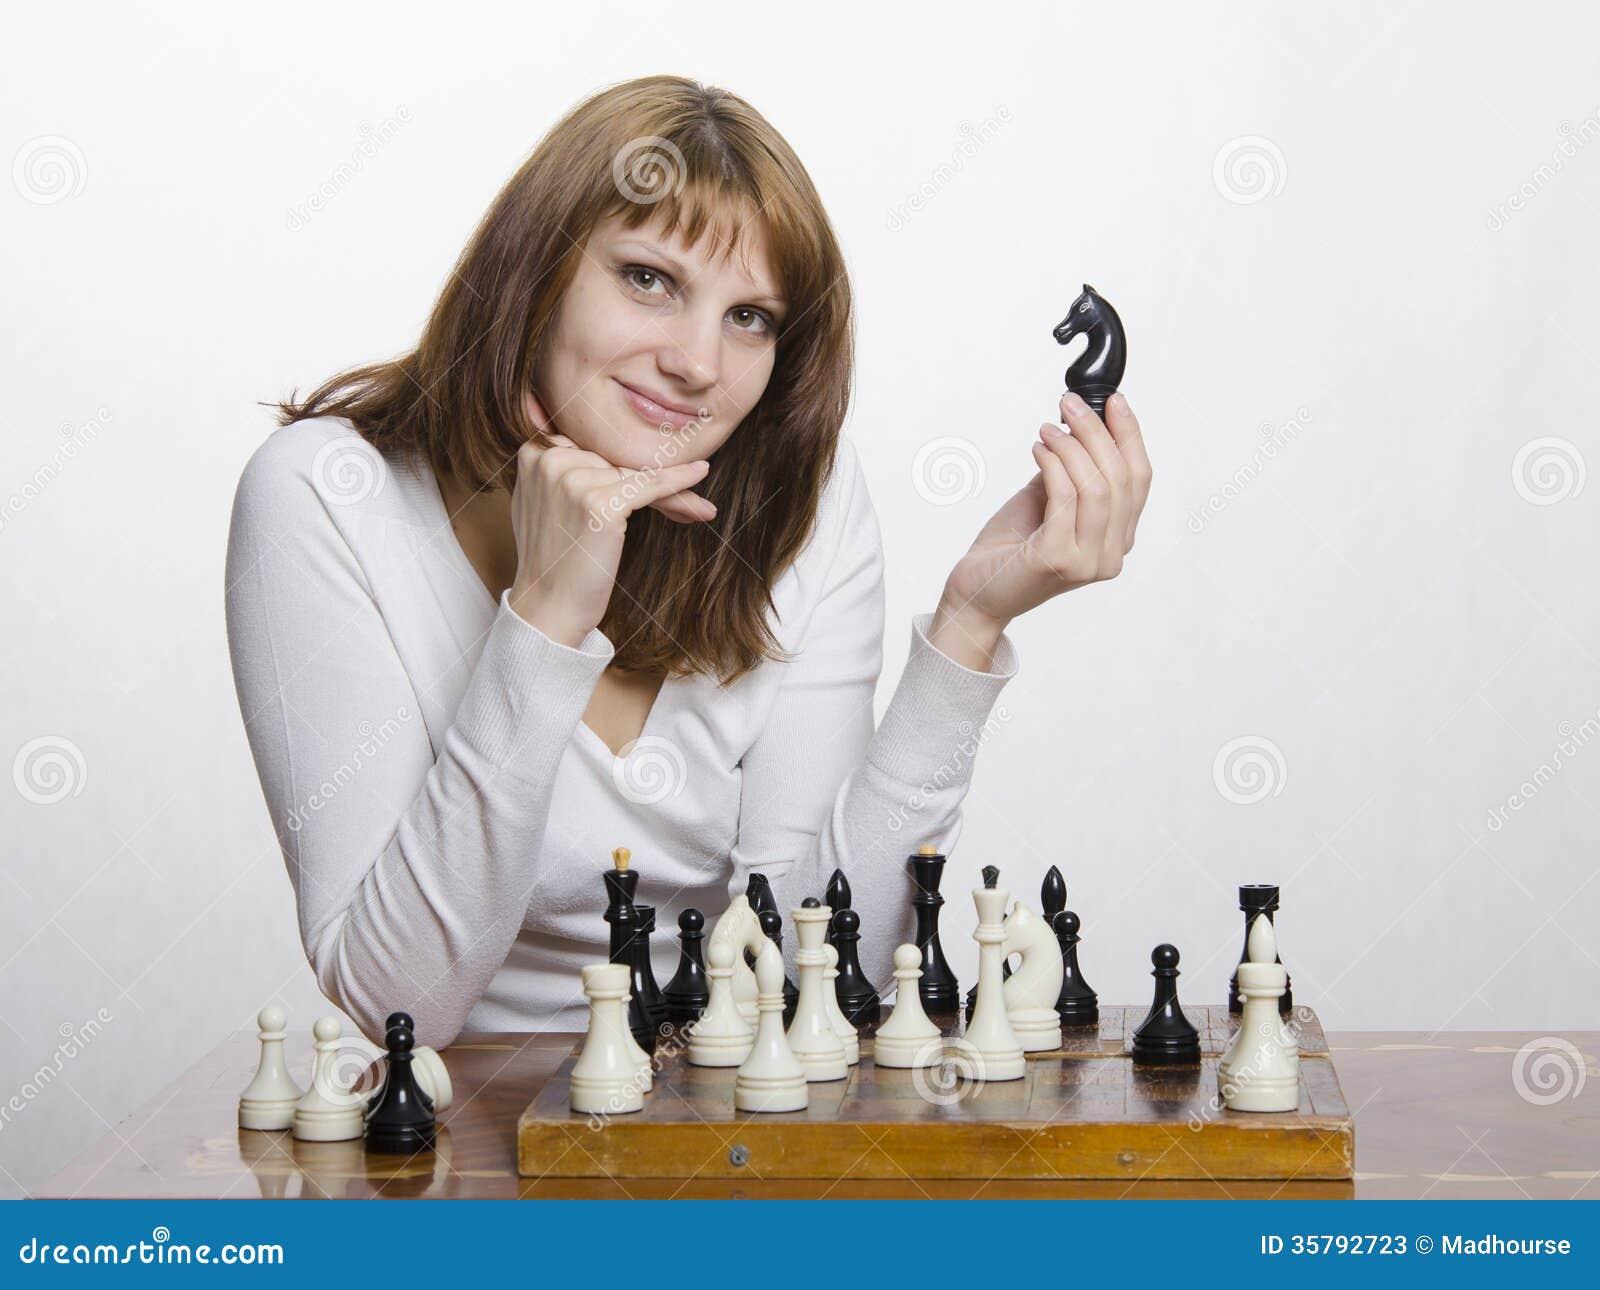 有一匹马的图的一个女孩,在棋盘